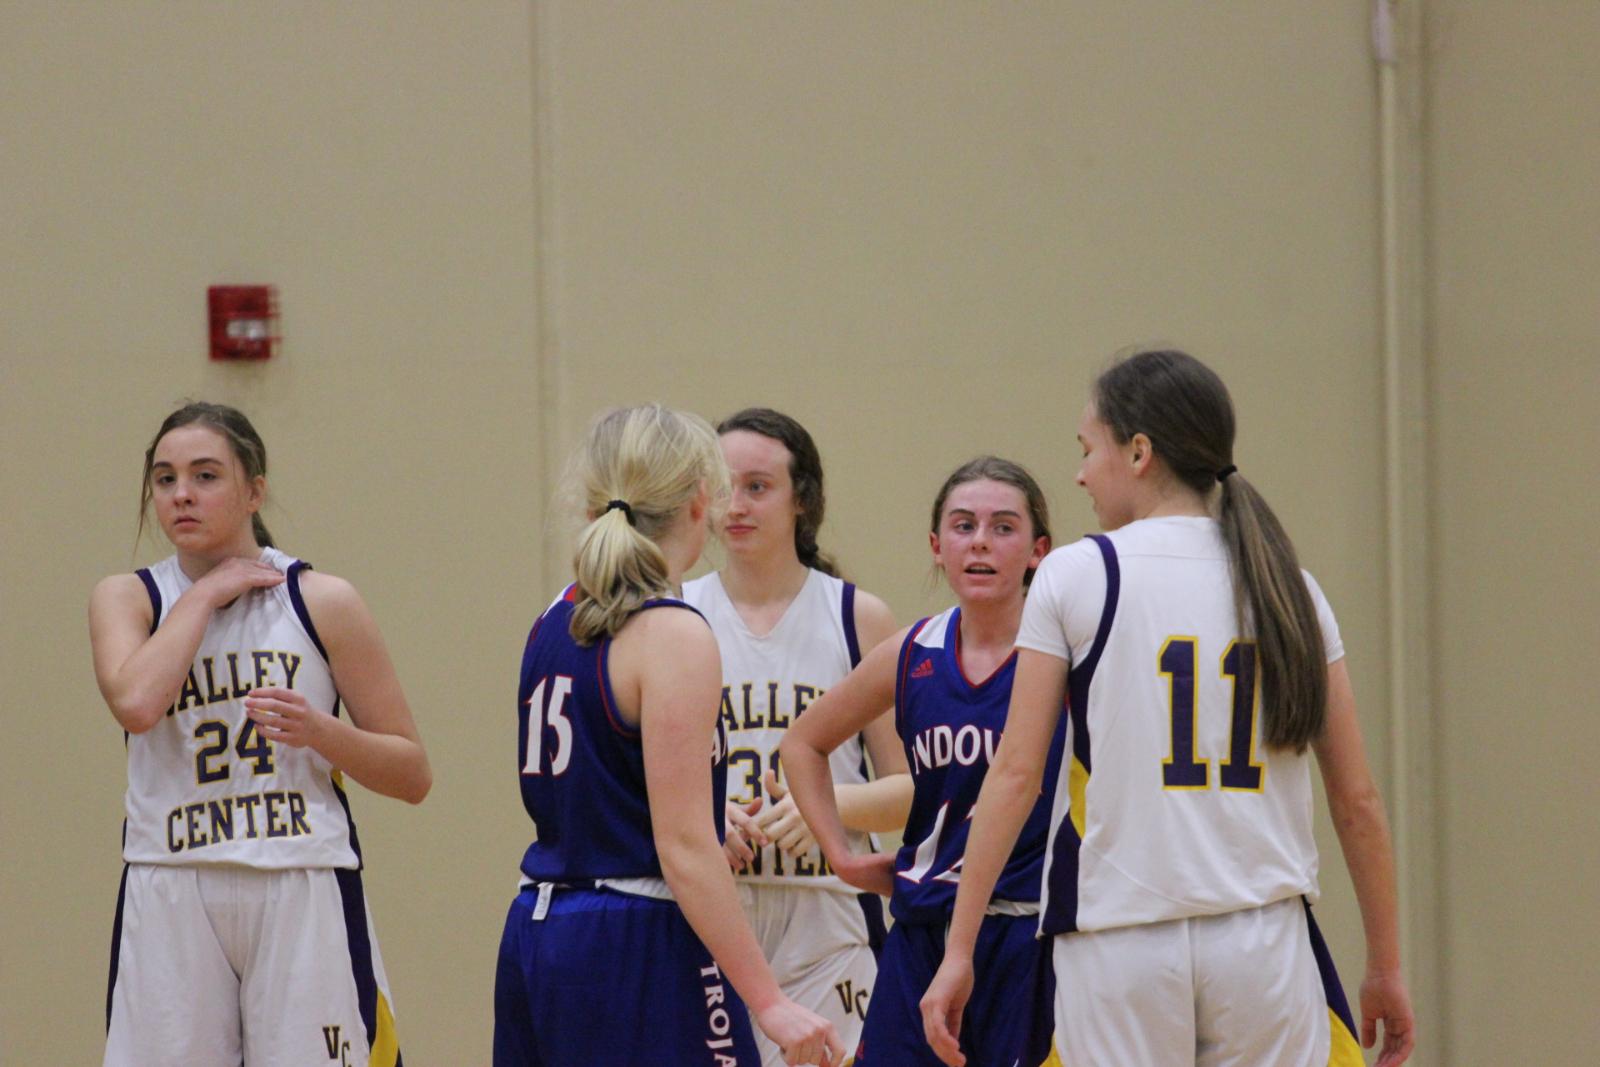 Girls Basketball vs. Andover February 23rd